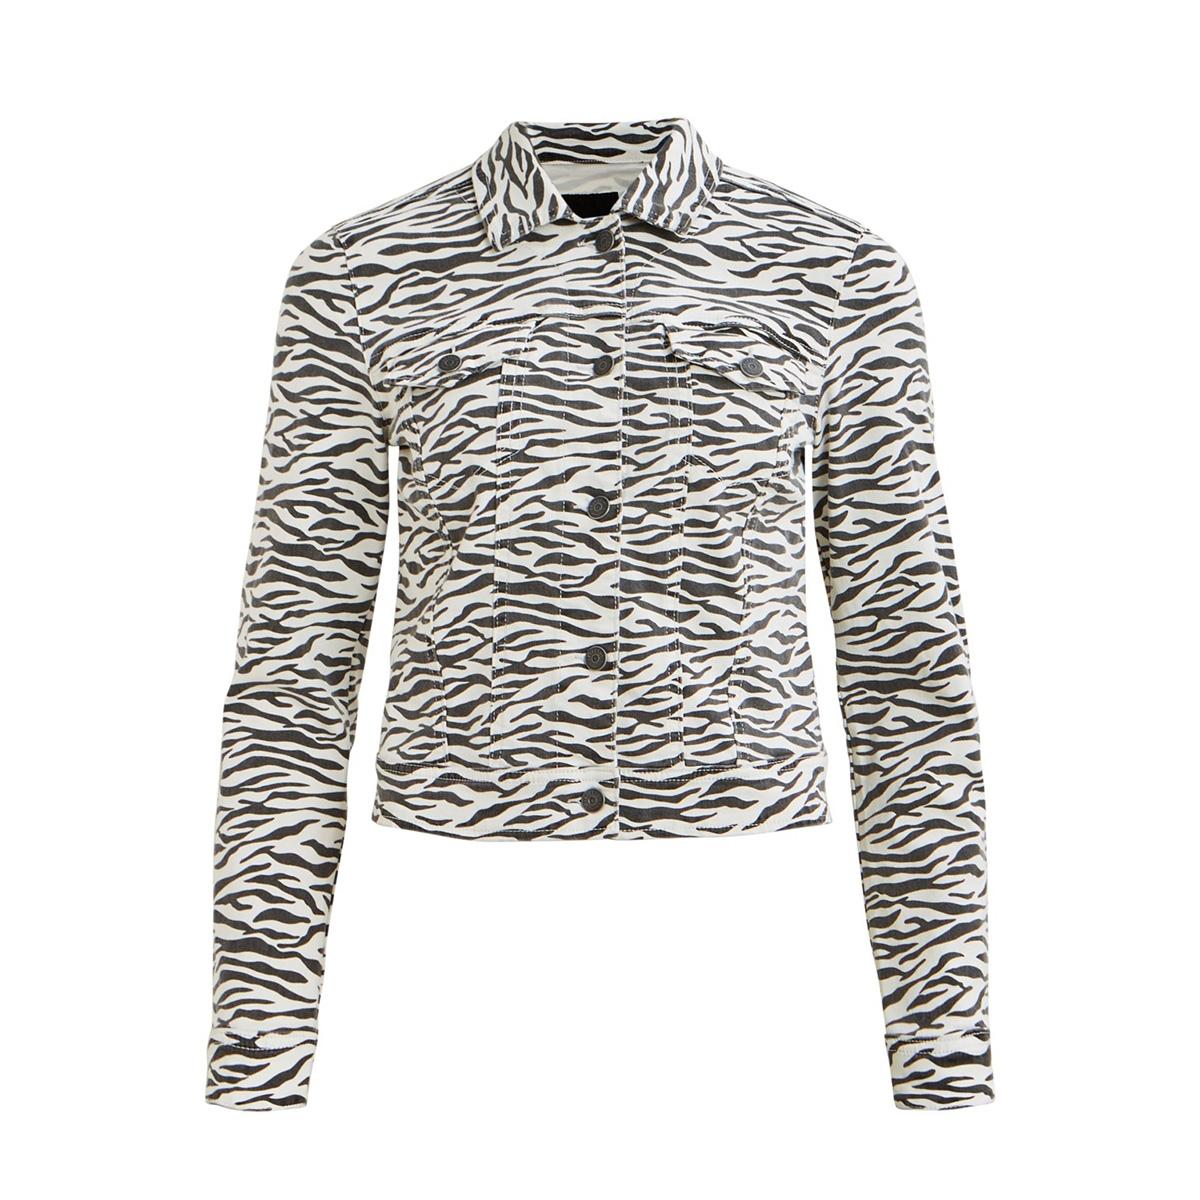 objwin new  denim jacket aop season 23030108 object jas white/zebra